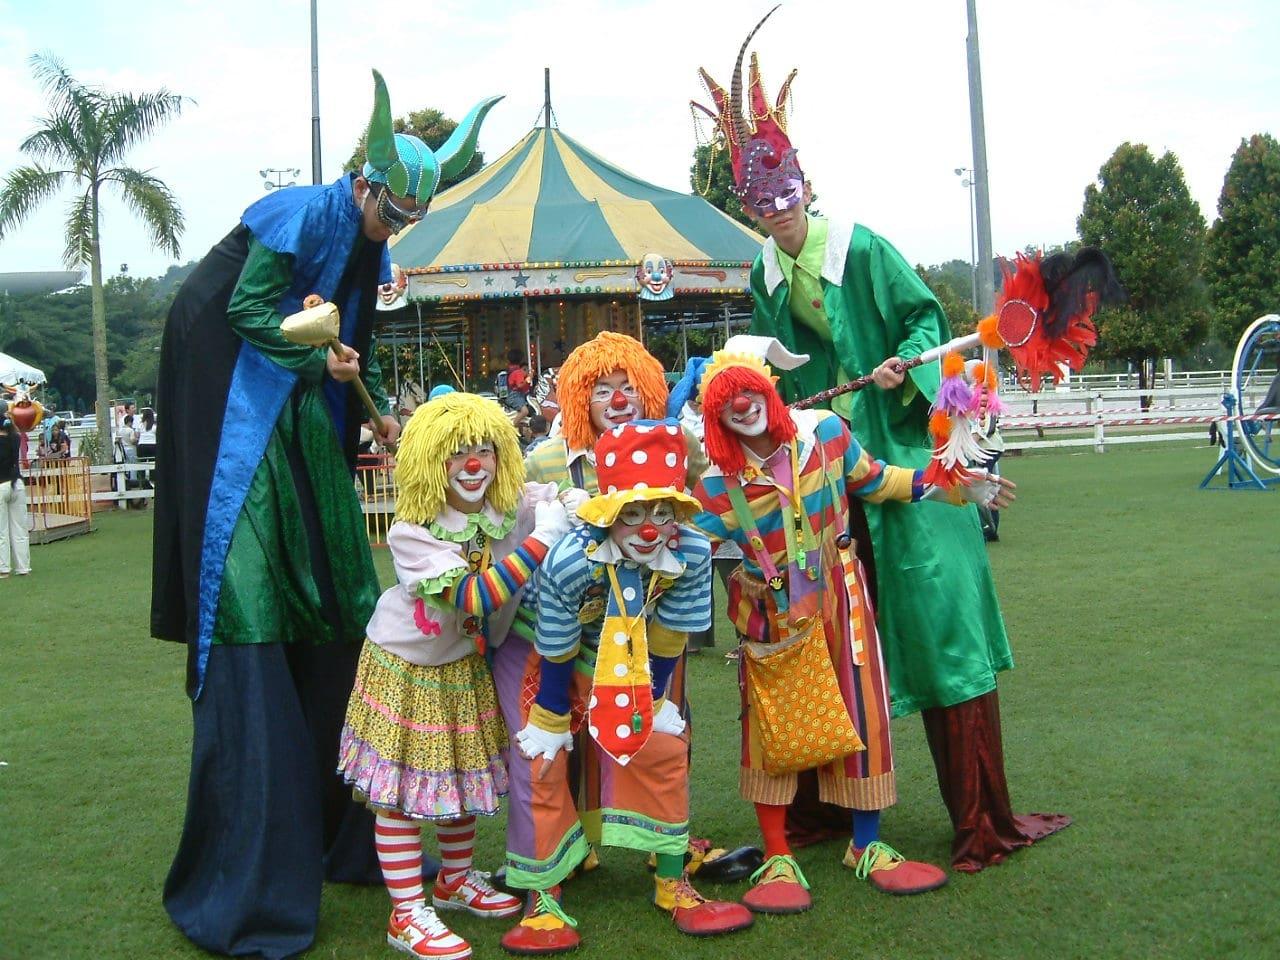 stitl Walker and clowns